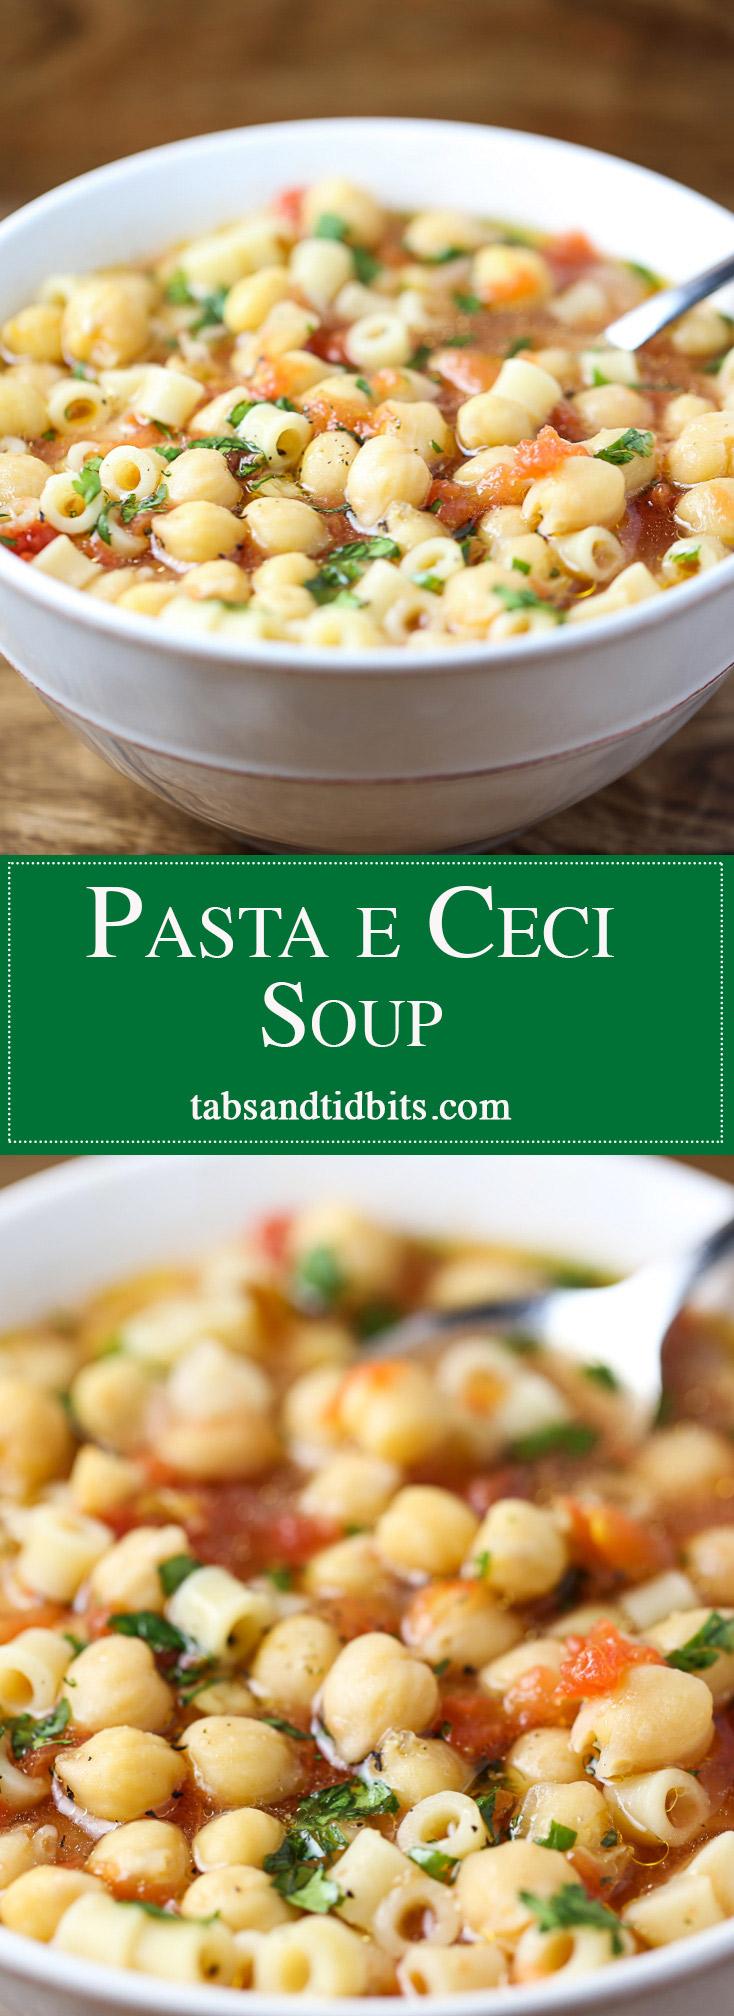 Pasta e Ceci Soup - Pasta & Chickpea Soup!